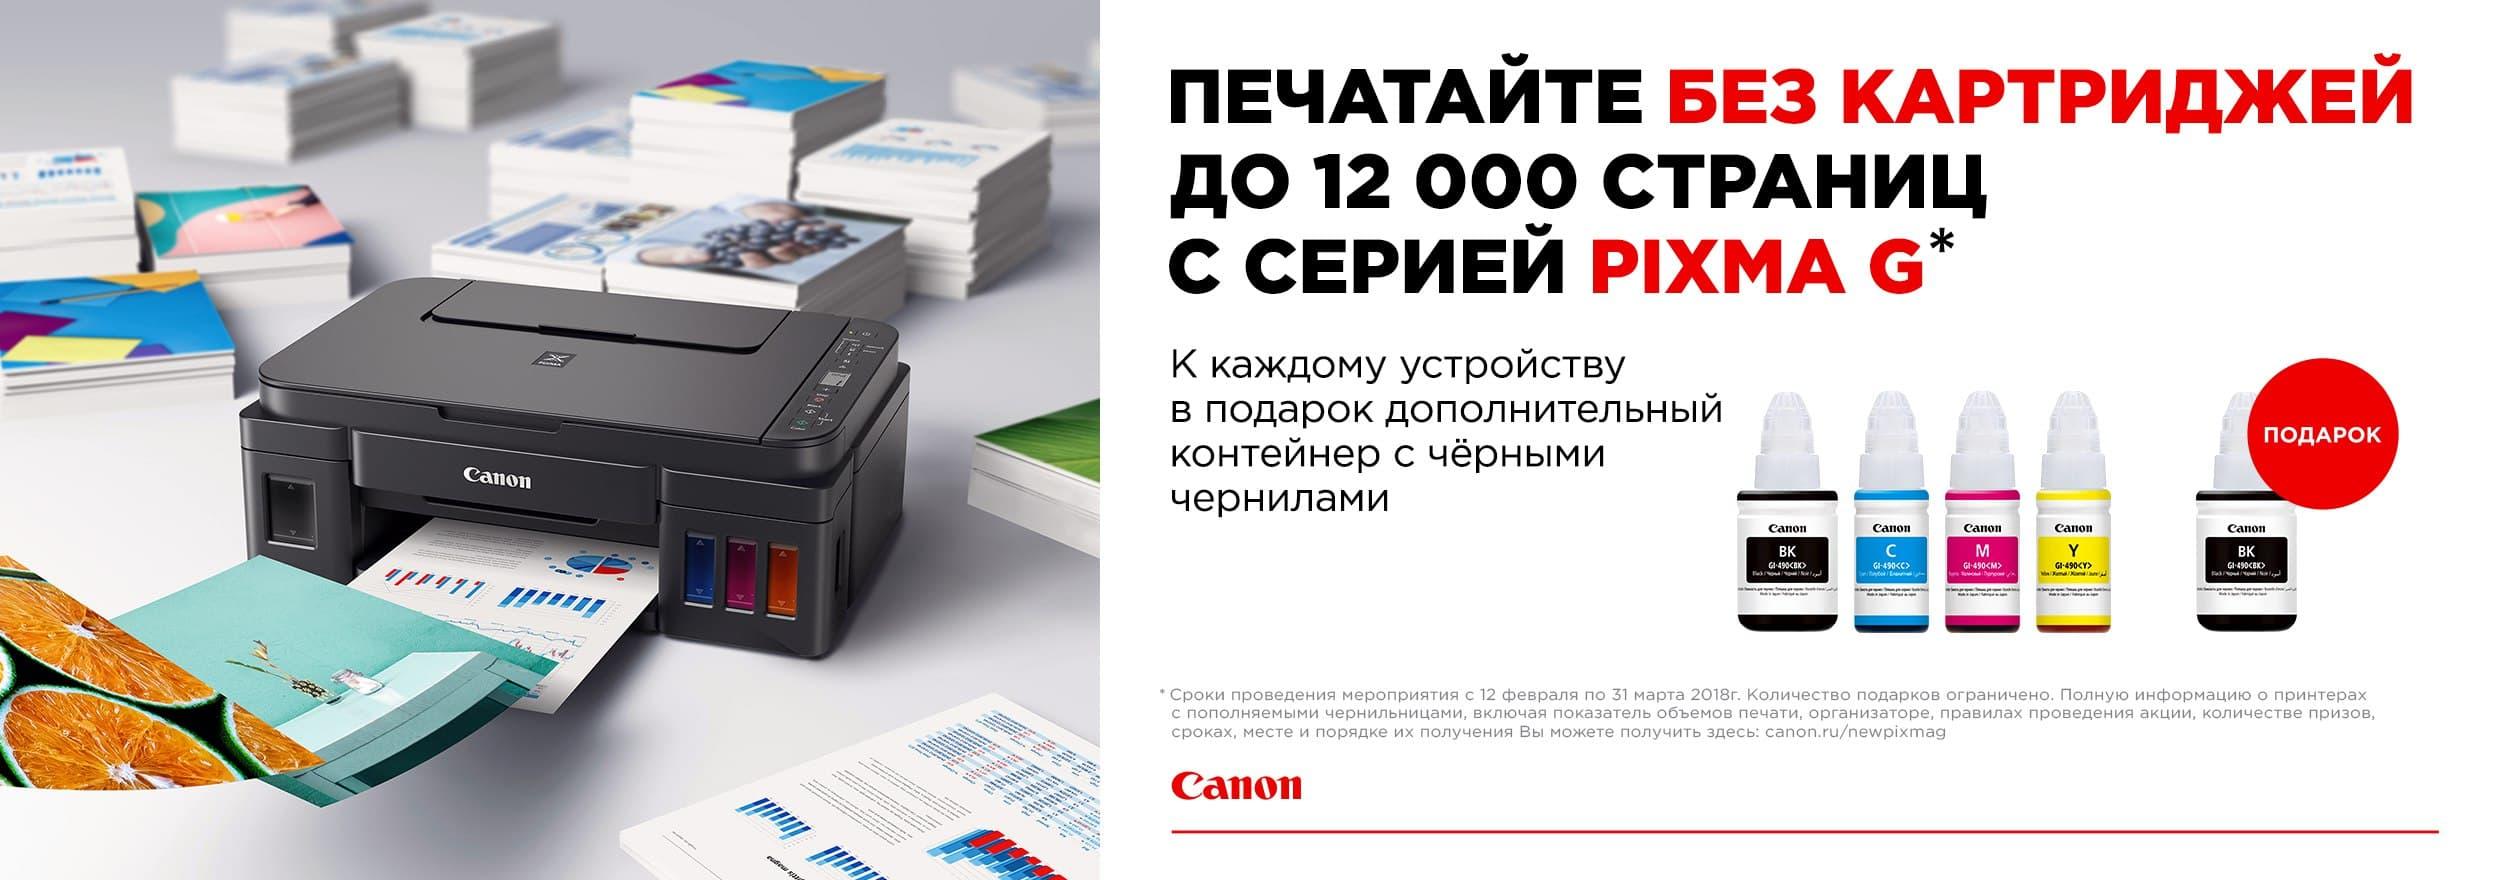 canon-pixma-feb18